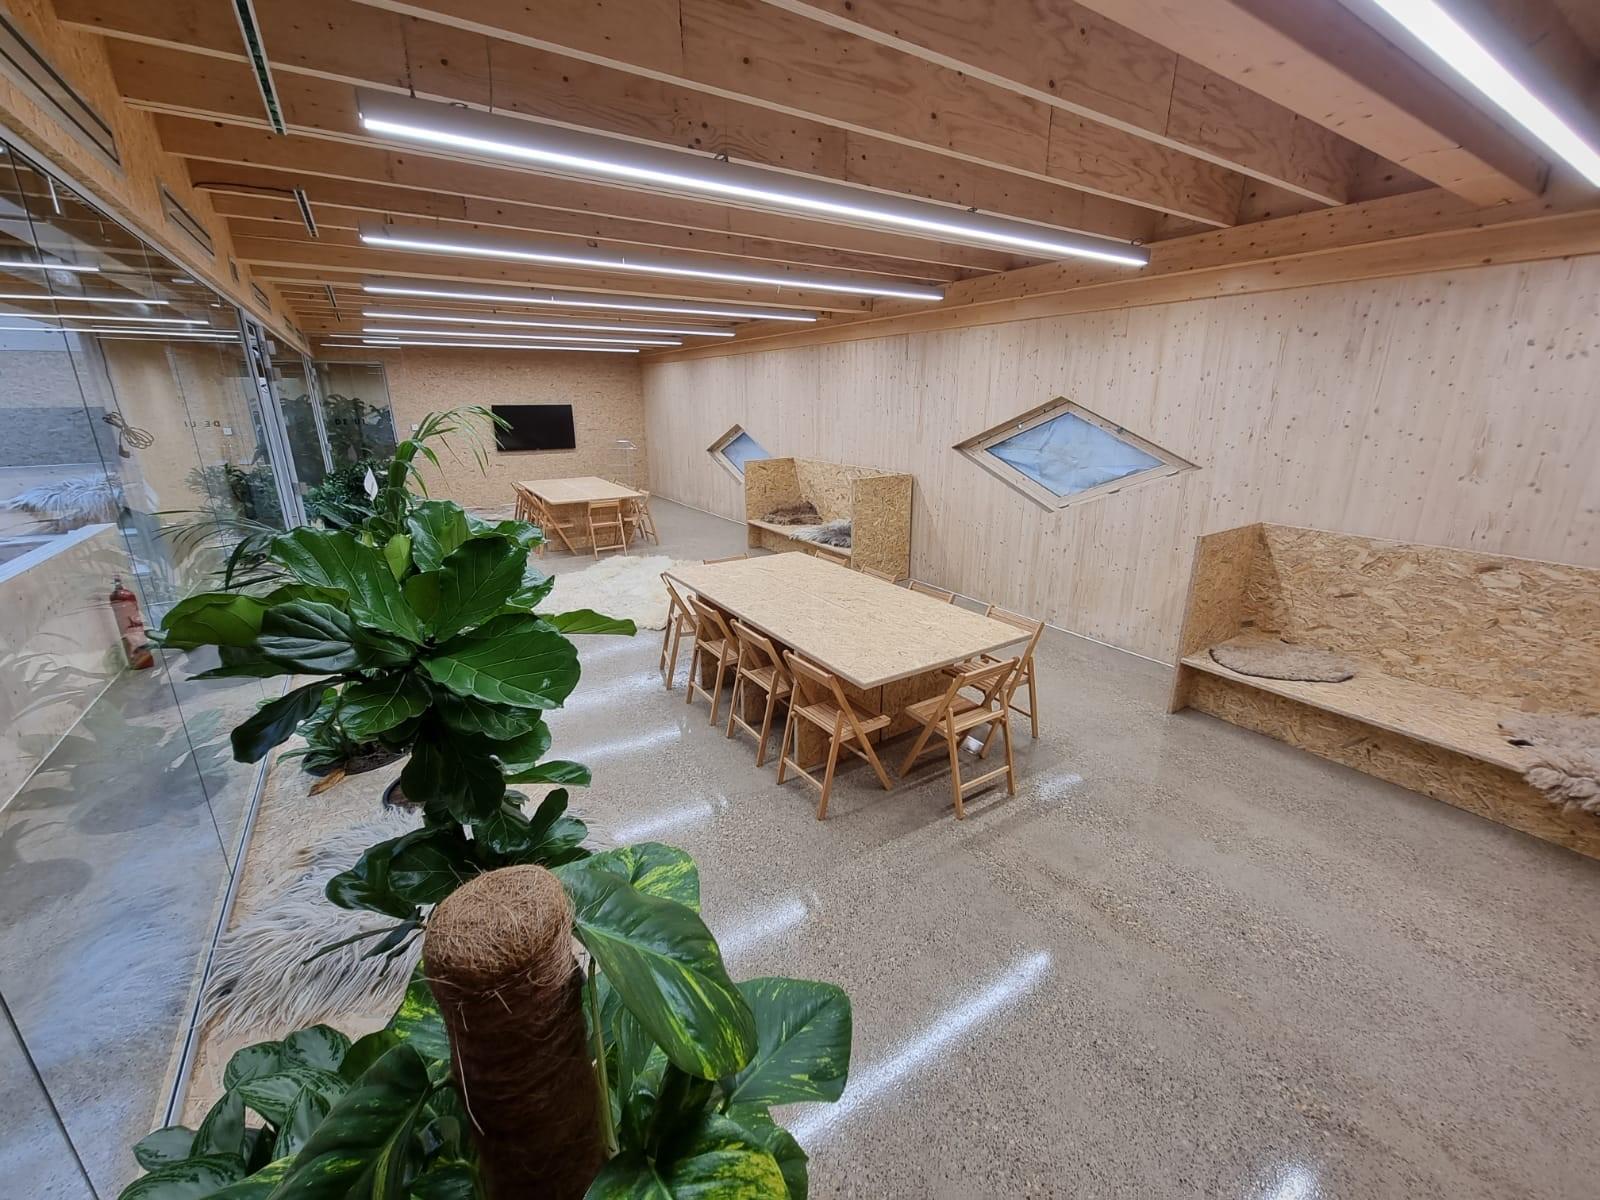 Houten tafels en banken in zaal De Ui - Food Forum